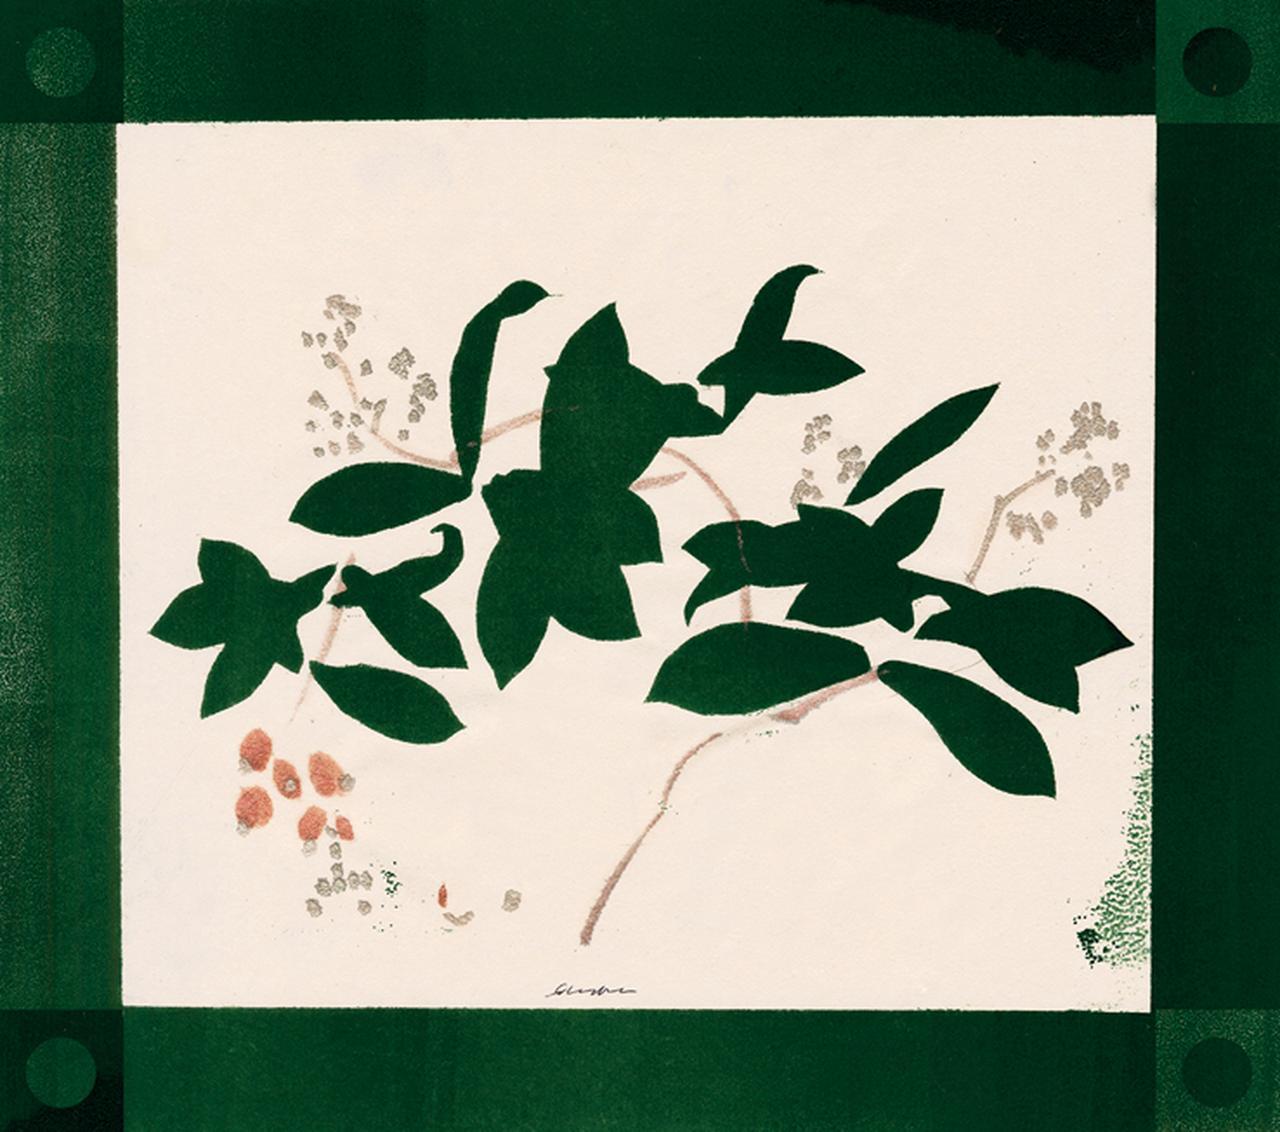 Images : 6番目の画像 - 「連載 Vol.3 コレクションは持ち主を語る。 トリー・バーチのボタニカルアート」のアルバム - T JAPAN:The New York Times Style Magazine 公式サイト